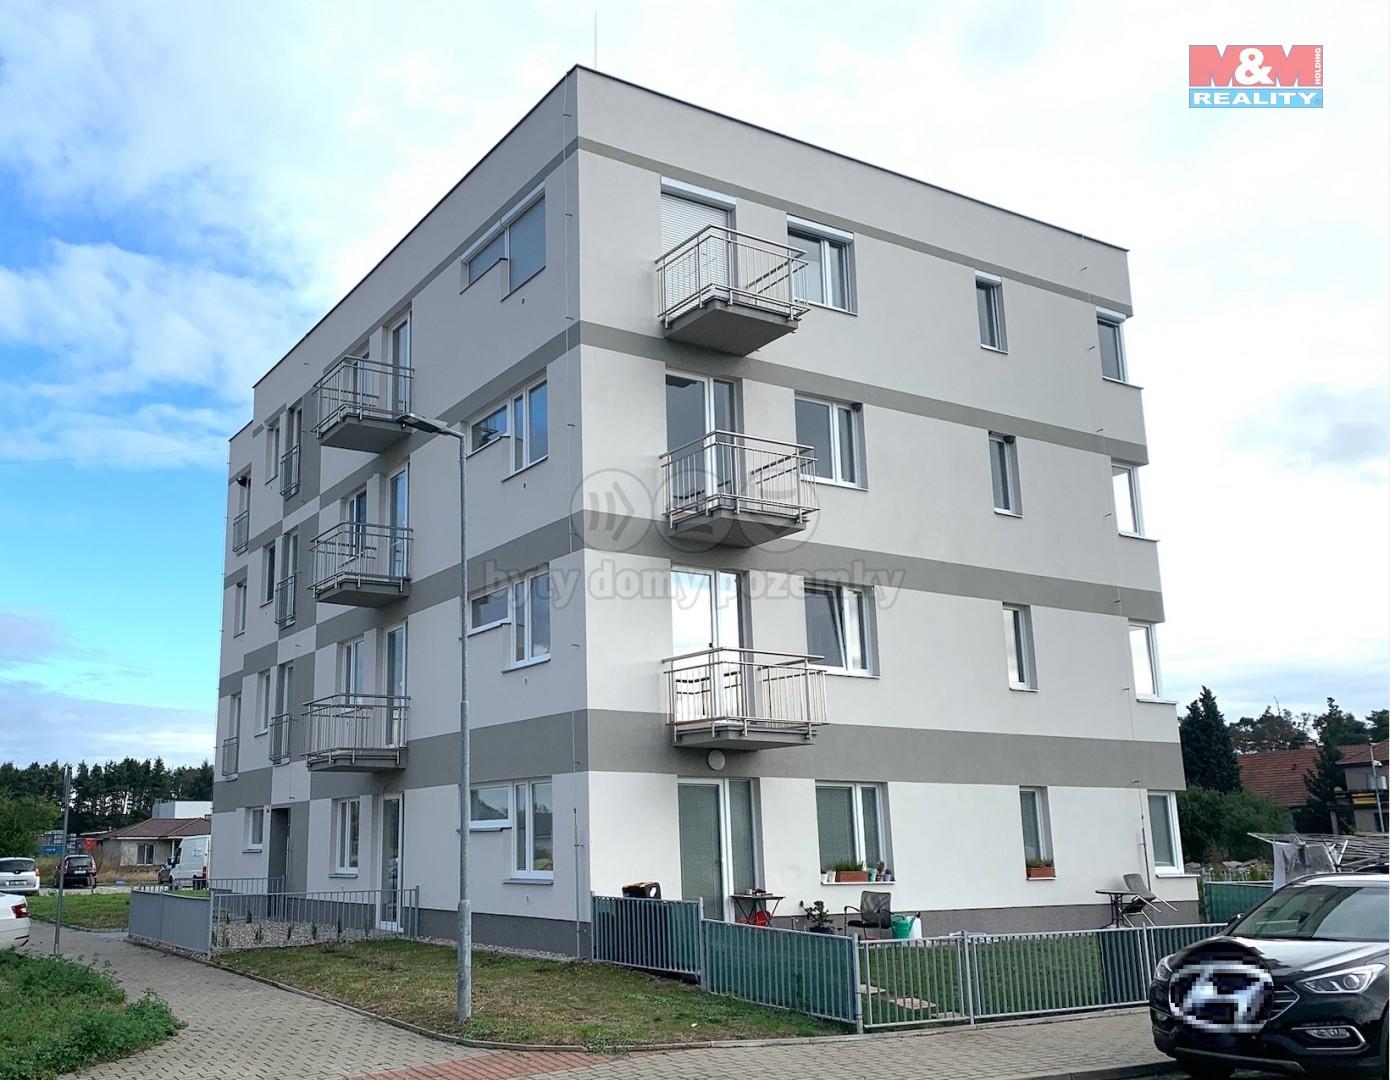 Pronájem bytu 1+kk, 47 m², Velký Osek, ul. U hřiště